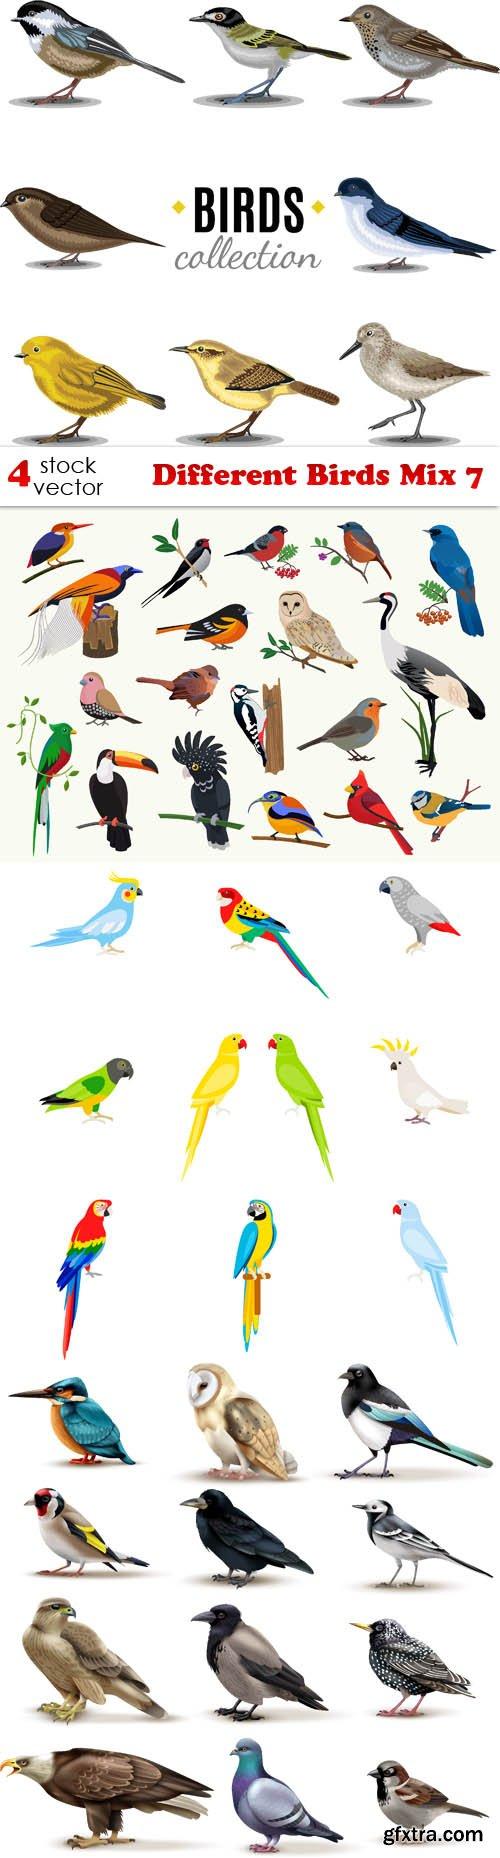 Vectors - Different Birds Mix 7